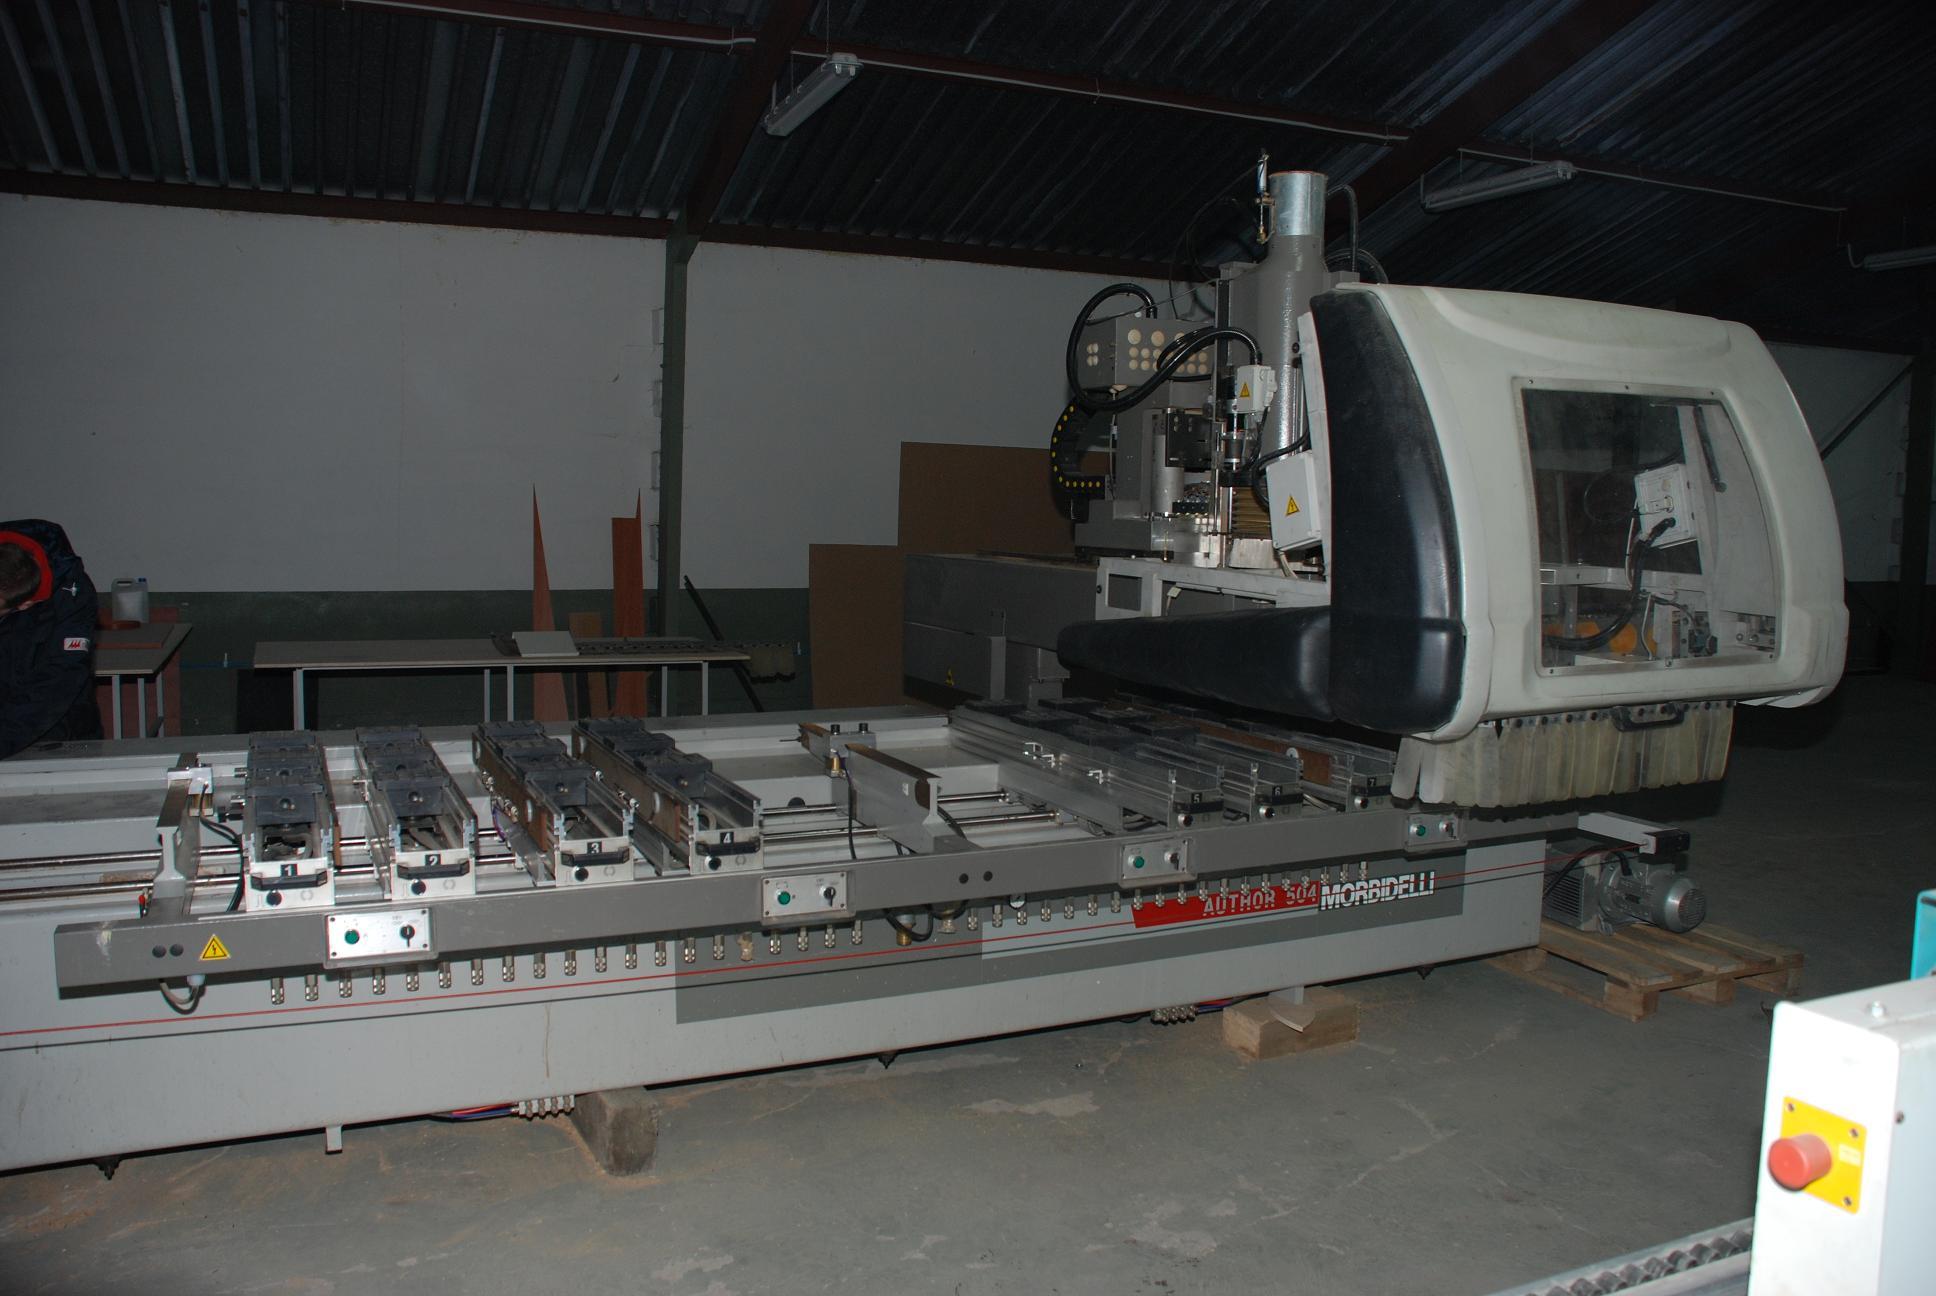 Używane maszyny CNC - Morbidelli AUTOR 504